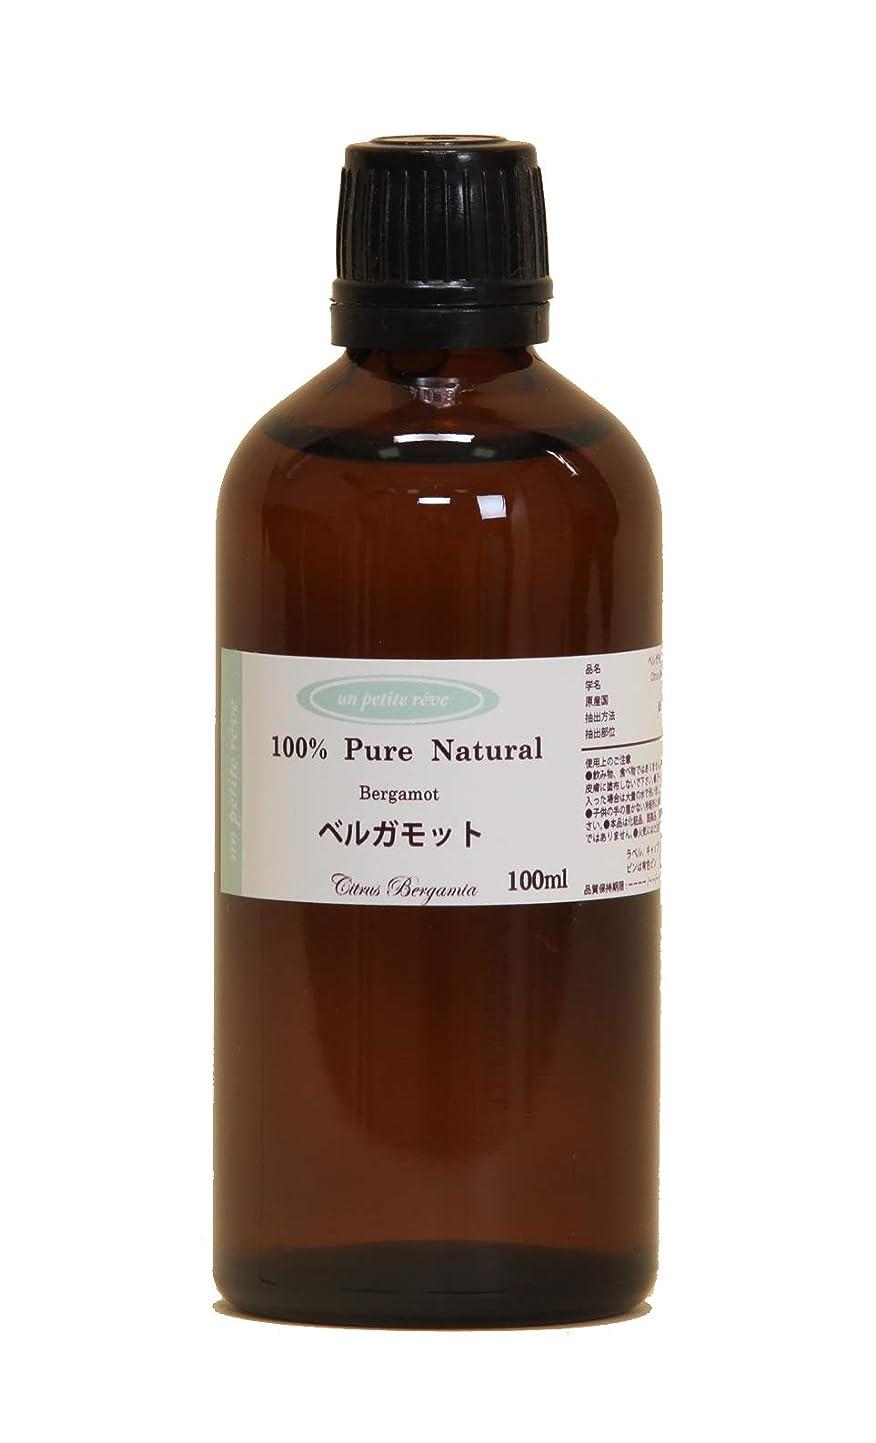 言い訳欠伸アダルトベルガモット 100ml 100%天然アロマエッセンシャルオイル(精油)